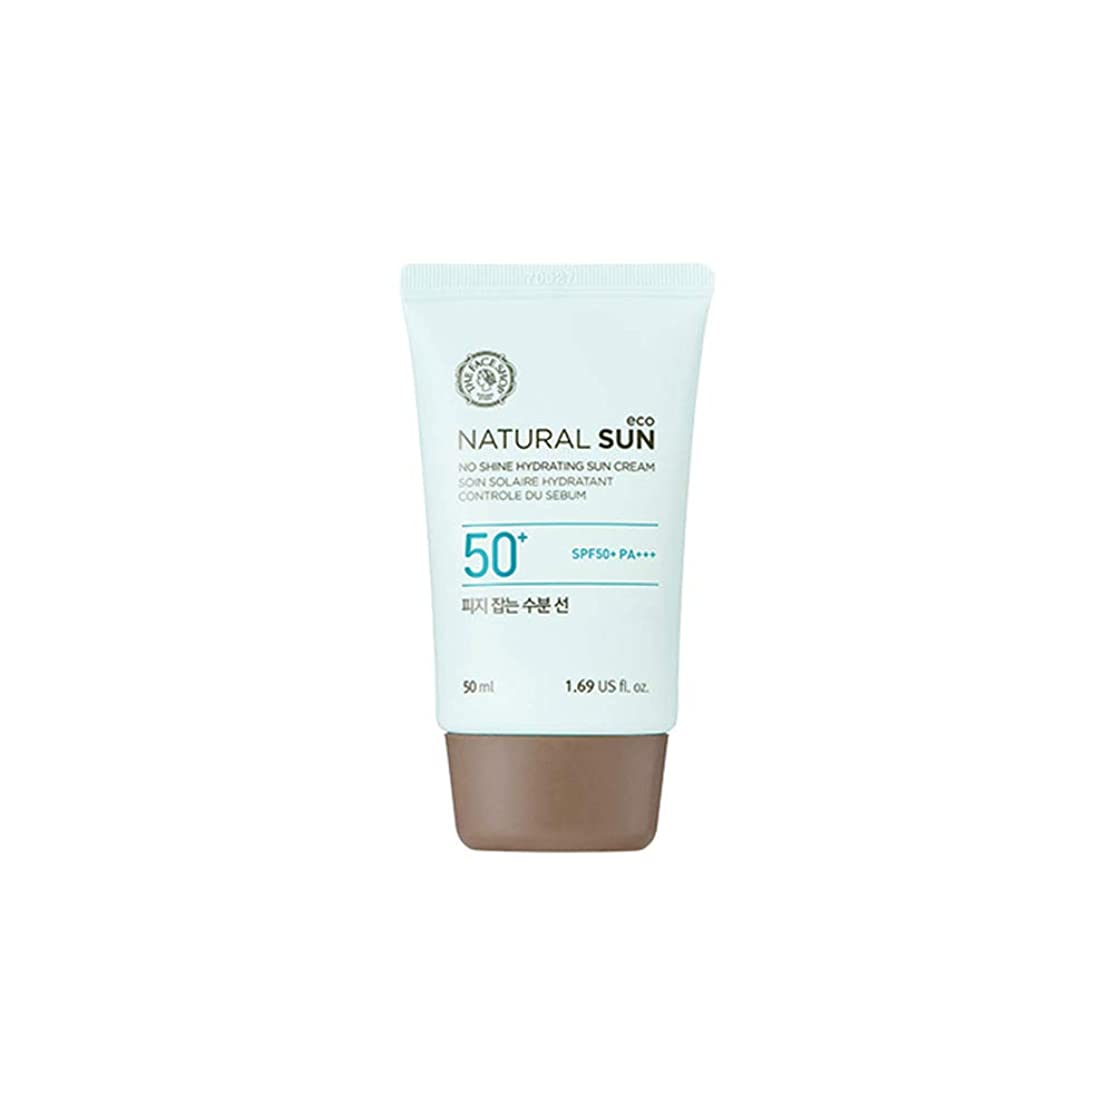 シソーラス礼拝打ち上げる[ザ?フェイスショップ] The Face Shop ナチュラルサン エコ ノーシャイン?ハイドレーティング?サン?クリーム SPF40 PA+++ The Face Shop Natural Sun Eco No Shine Hydrating Sun Cream SPF40PA+++50ml [海外直送品]